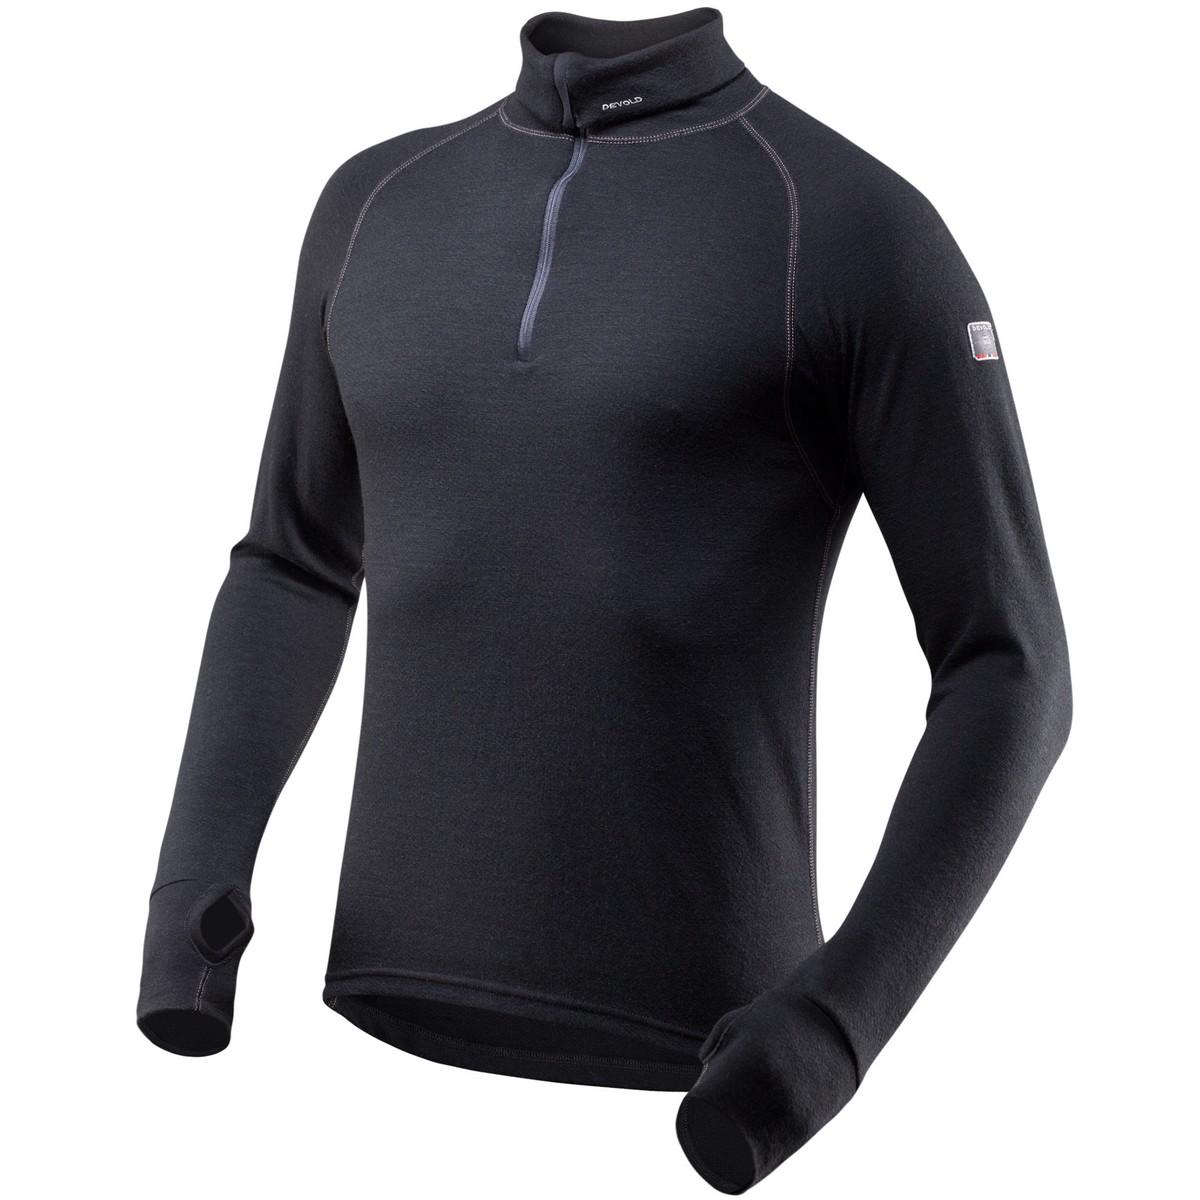 Devold triko Expedition man zip neck Barva: černá, Velikost nebo typ: S